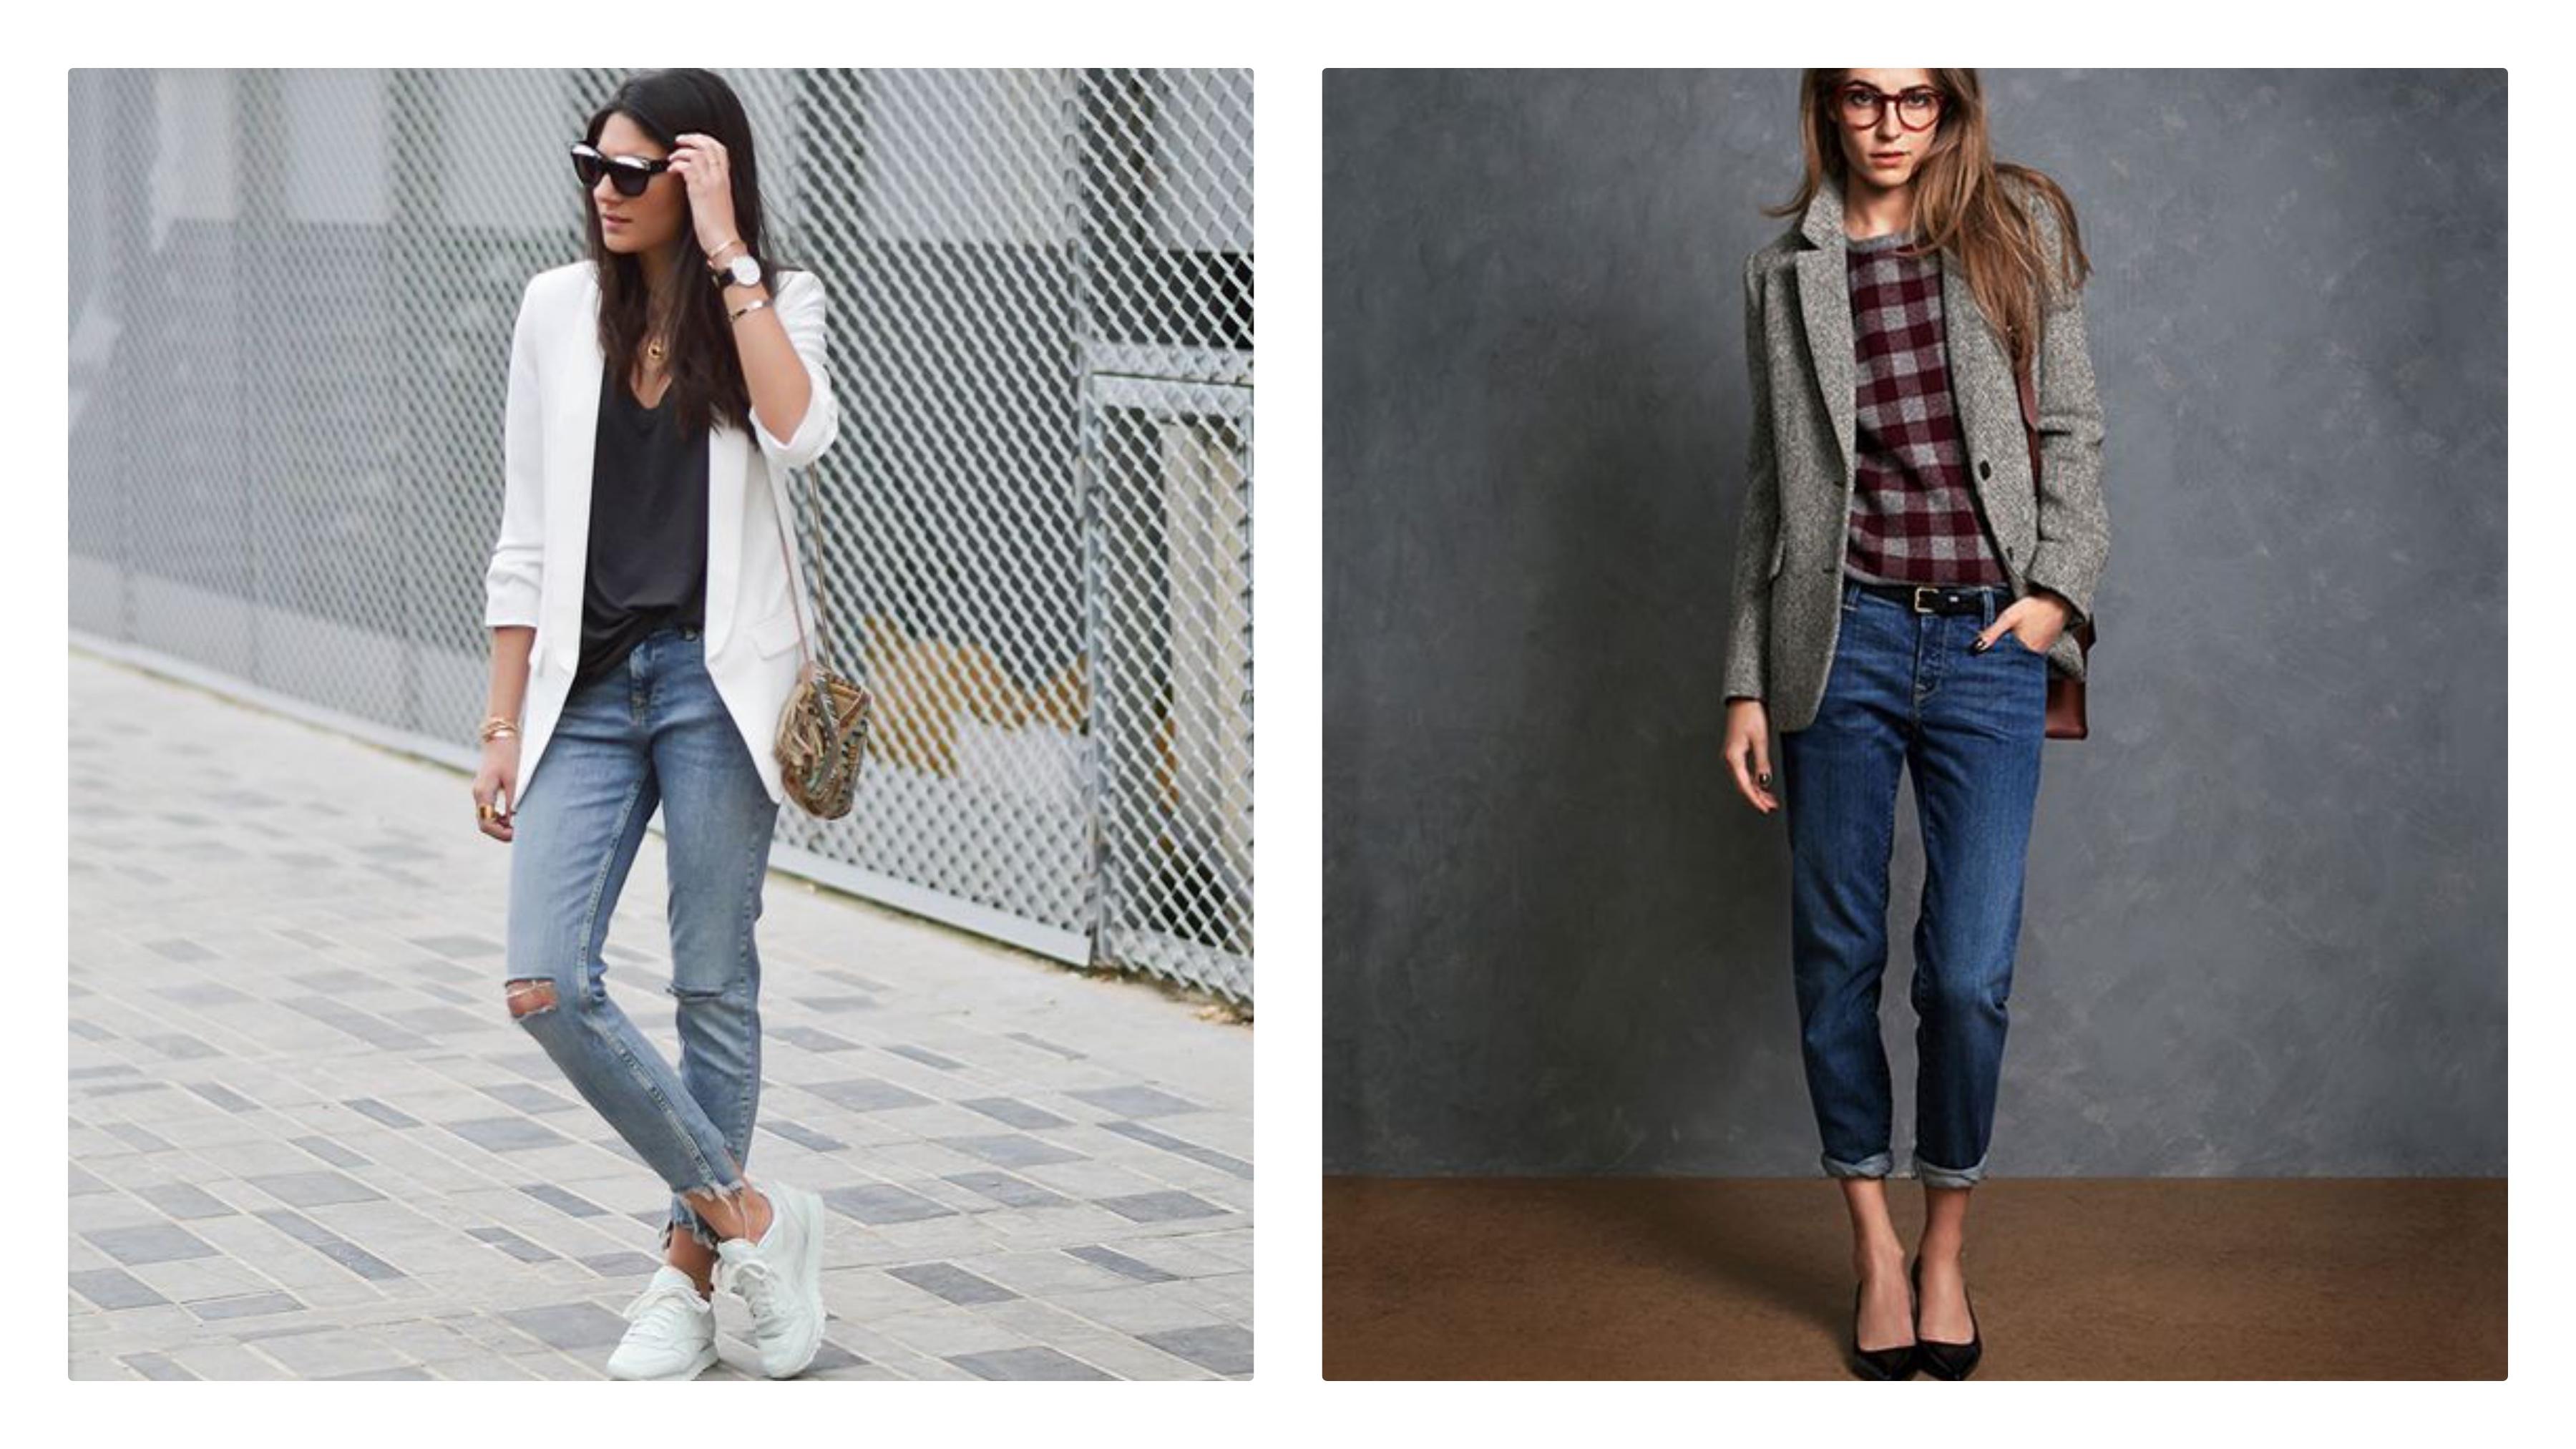 Джинсы, пиджак - модный лук